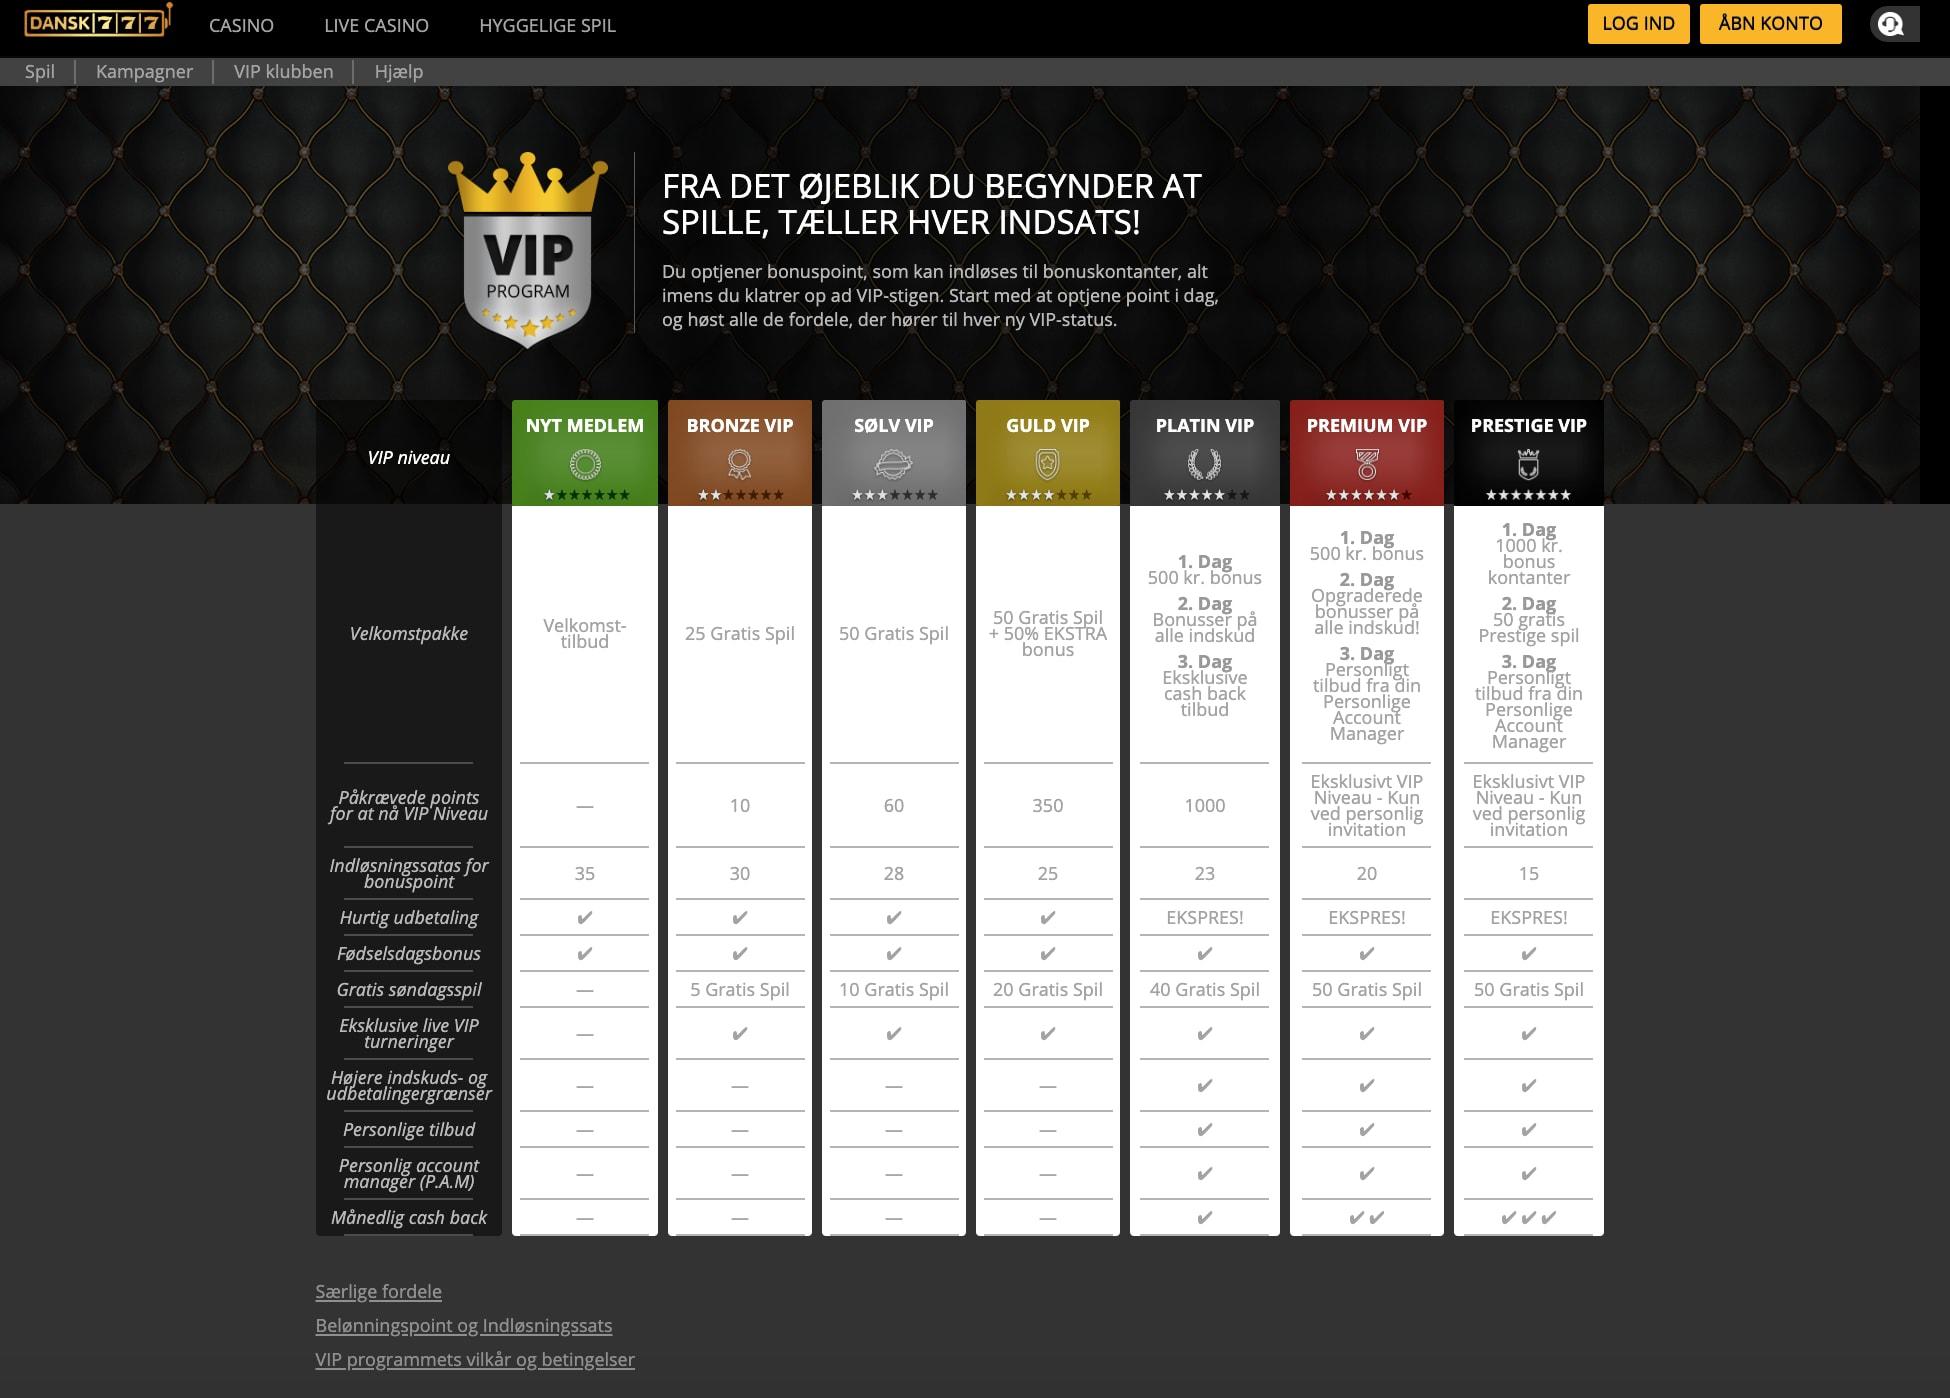 VIP-programmet på online casino Dansk777.dk